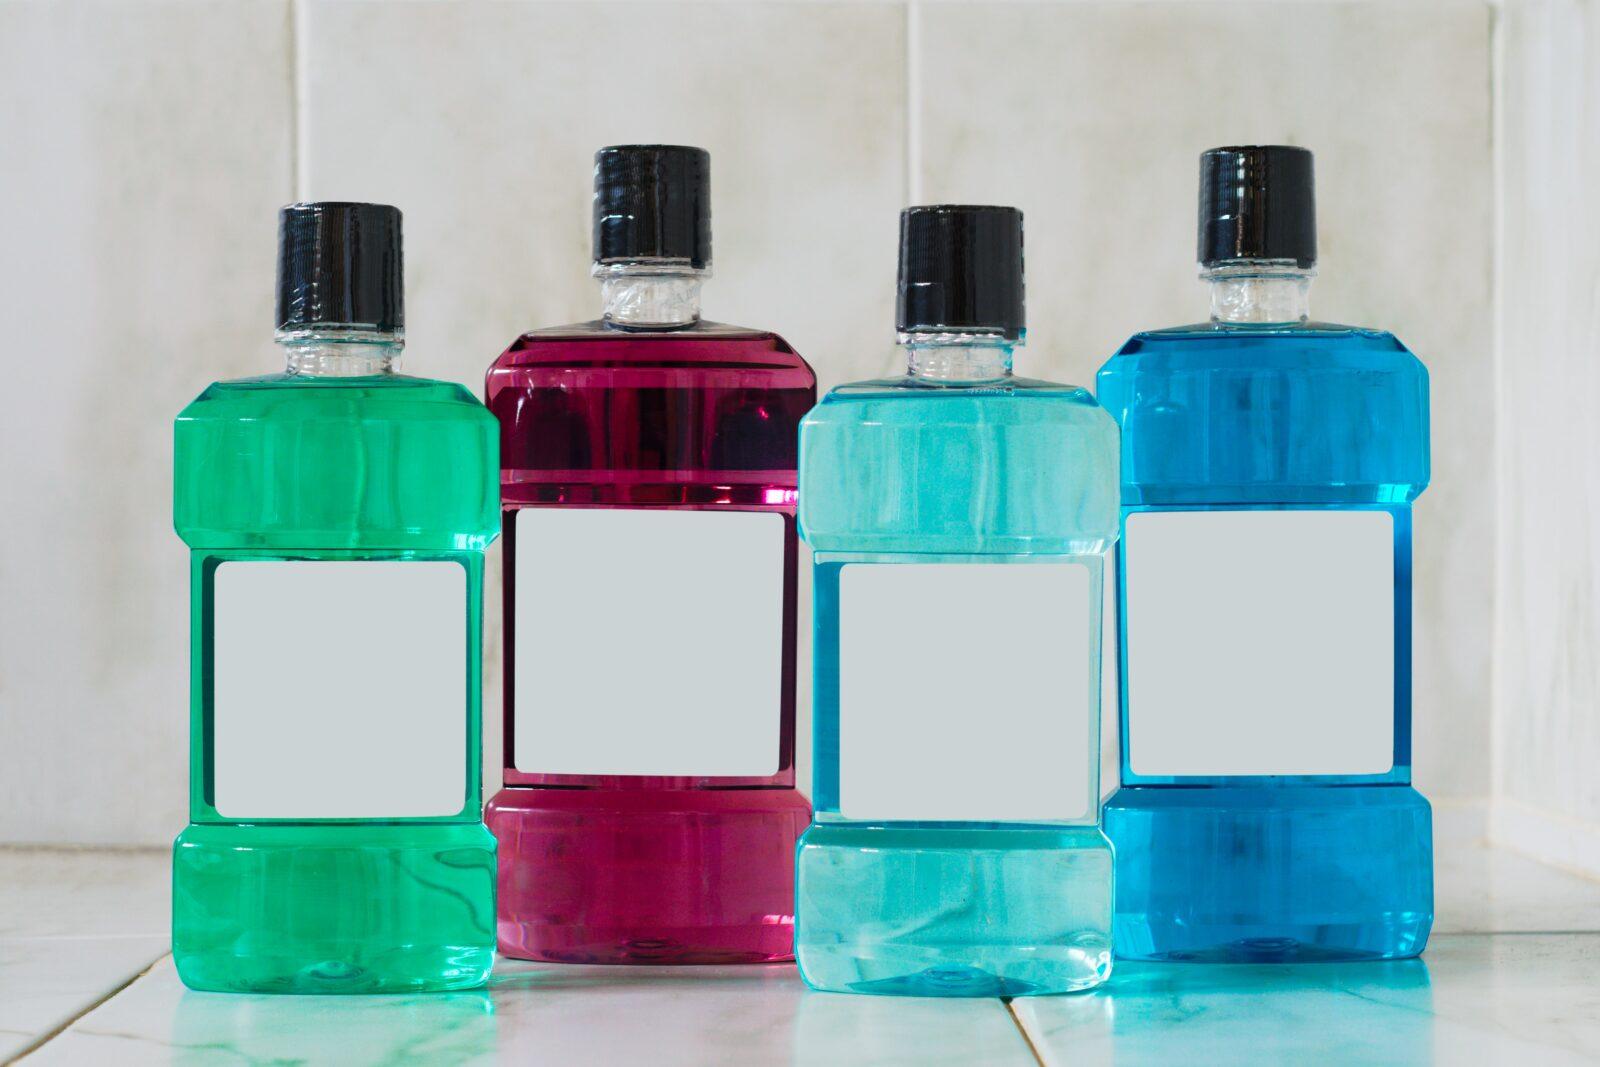 bottles of mouthwash